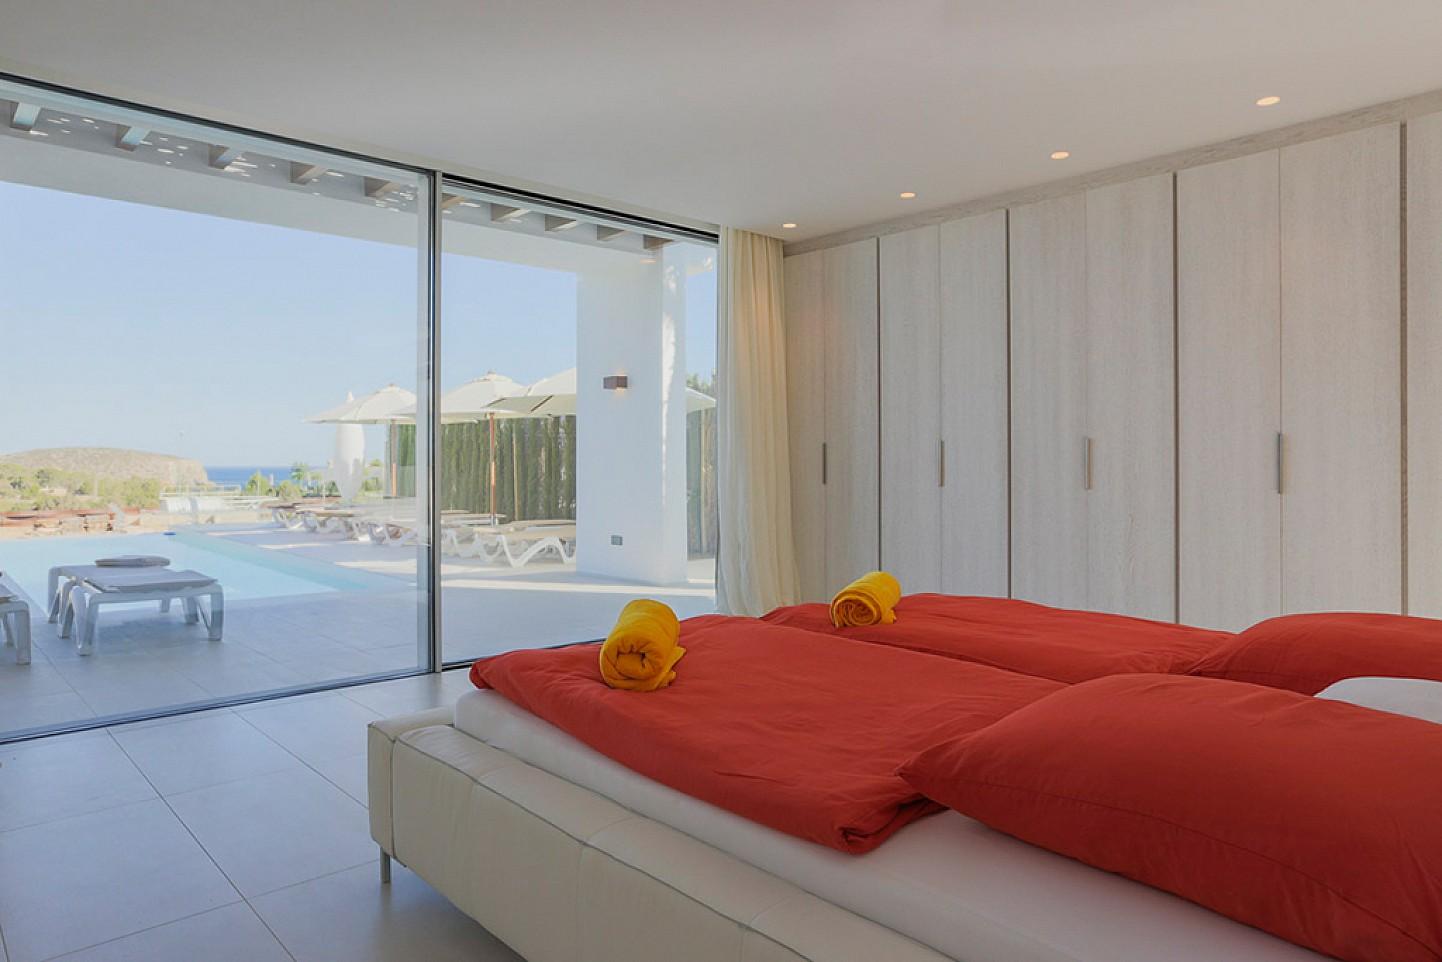 Dormitori amb armaris encastellats i accés a la terrassa